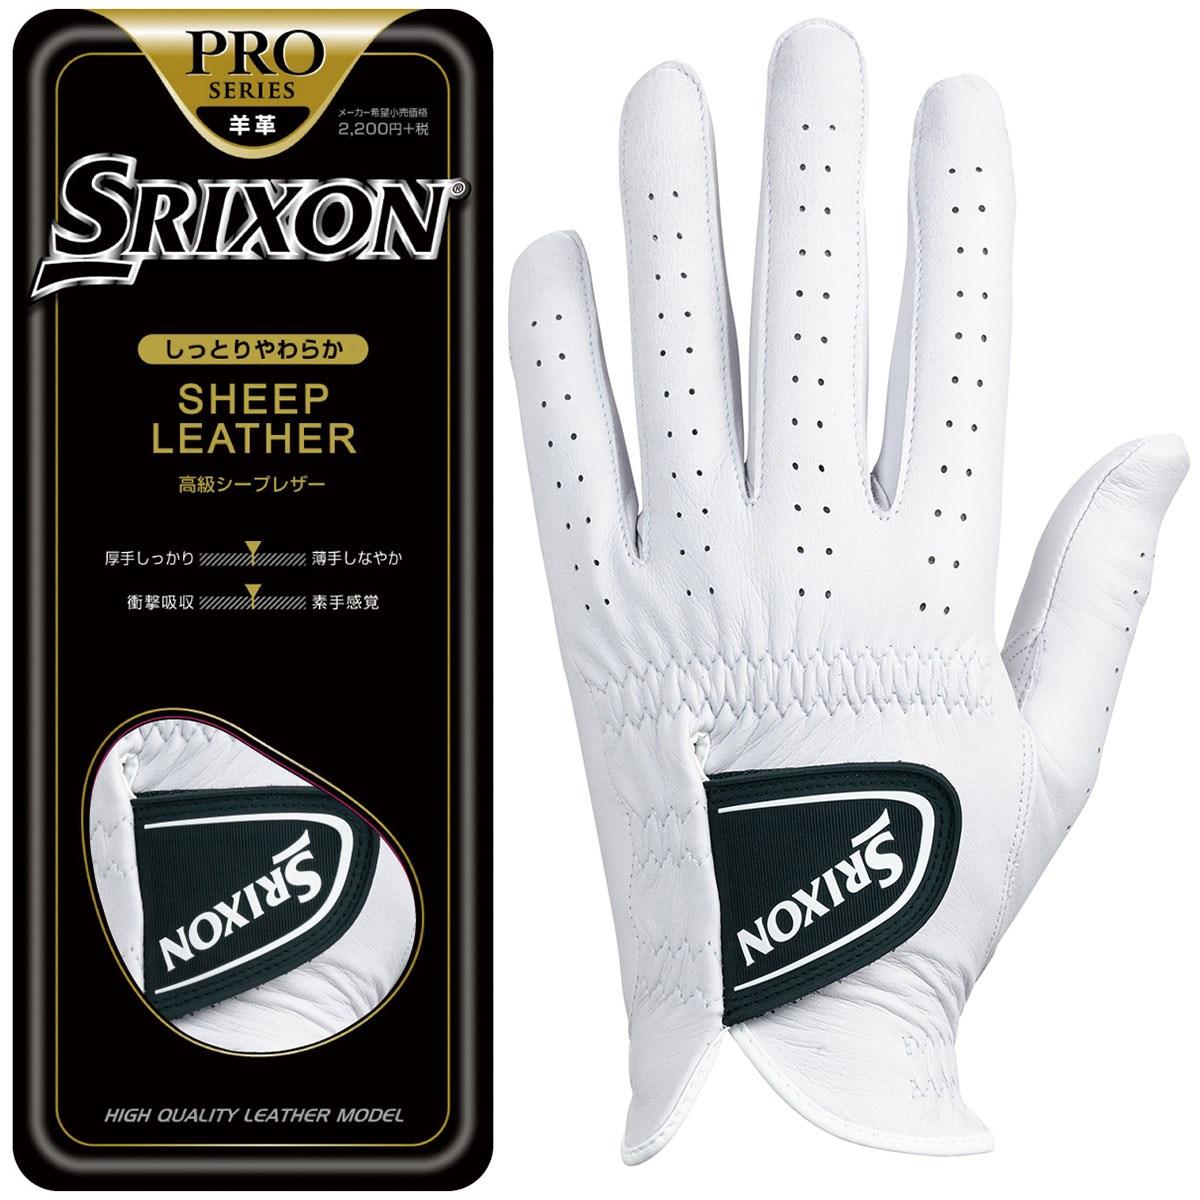 ダンロップ SRIXON ゴルフグローブ 23cm 左手着用(右利き用) ホワイト